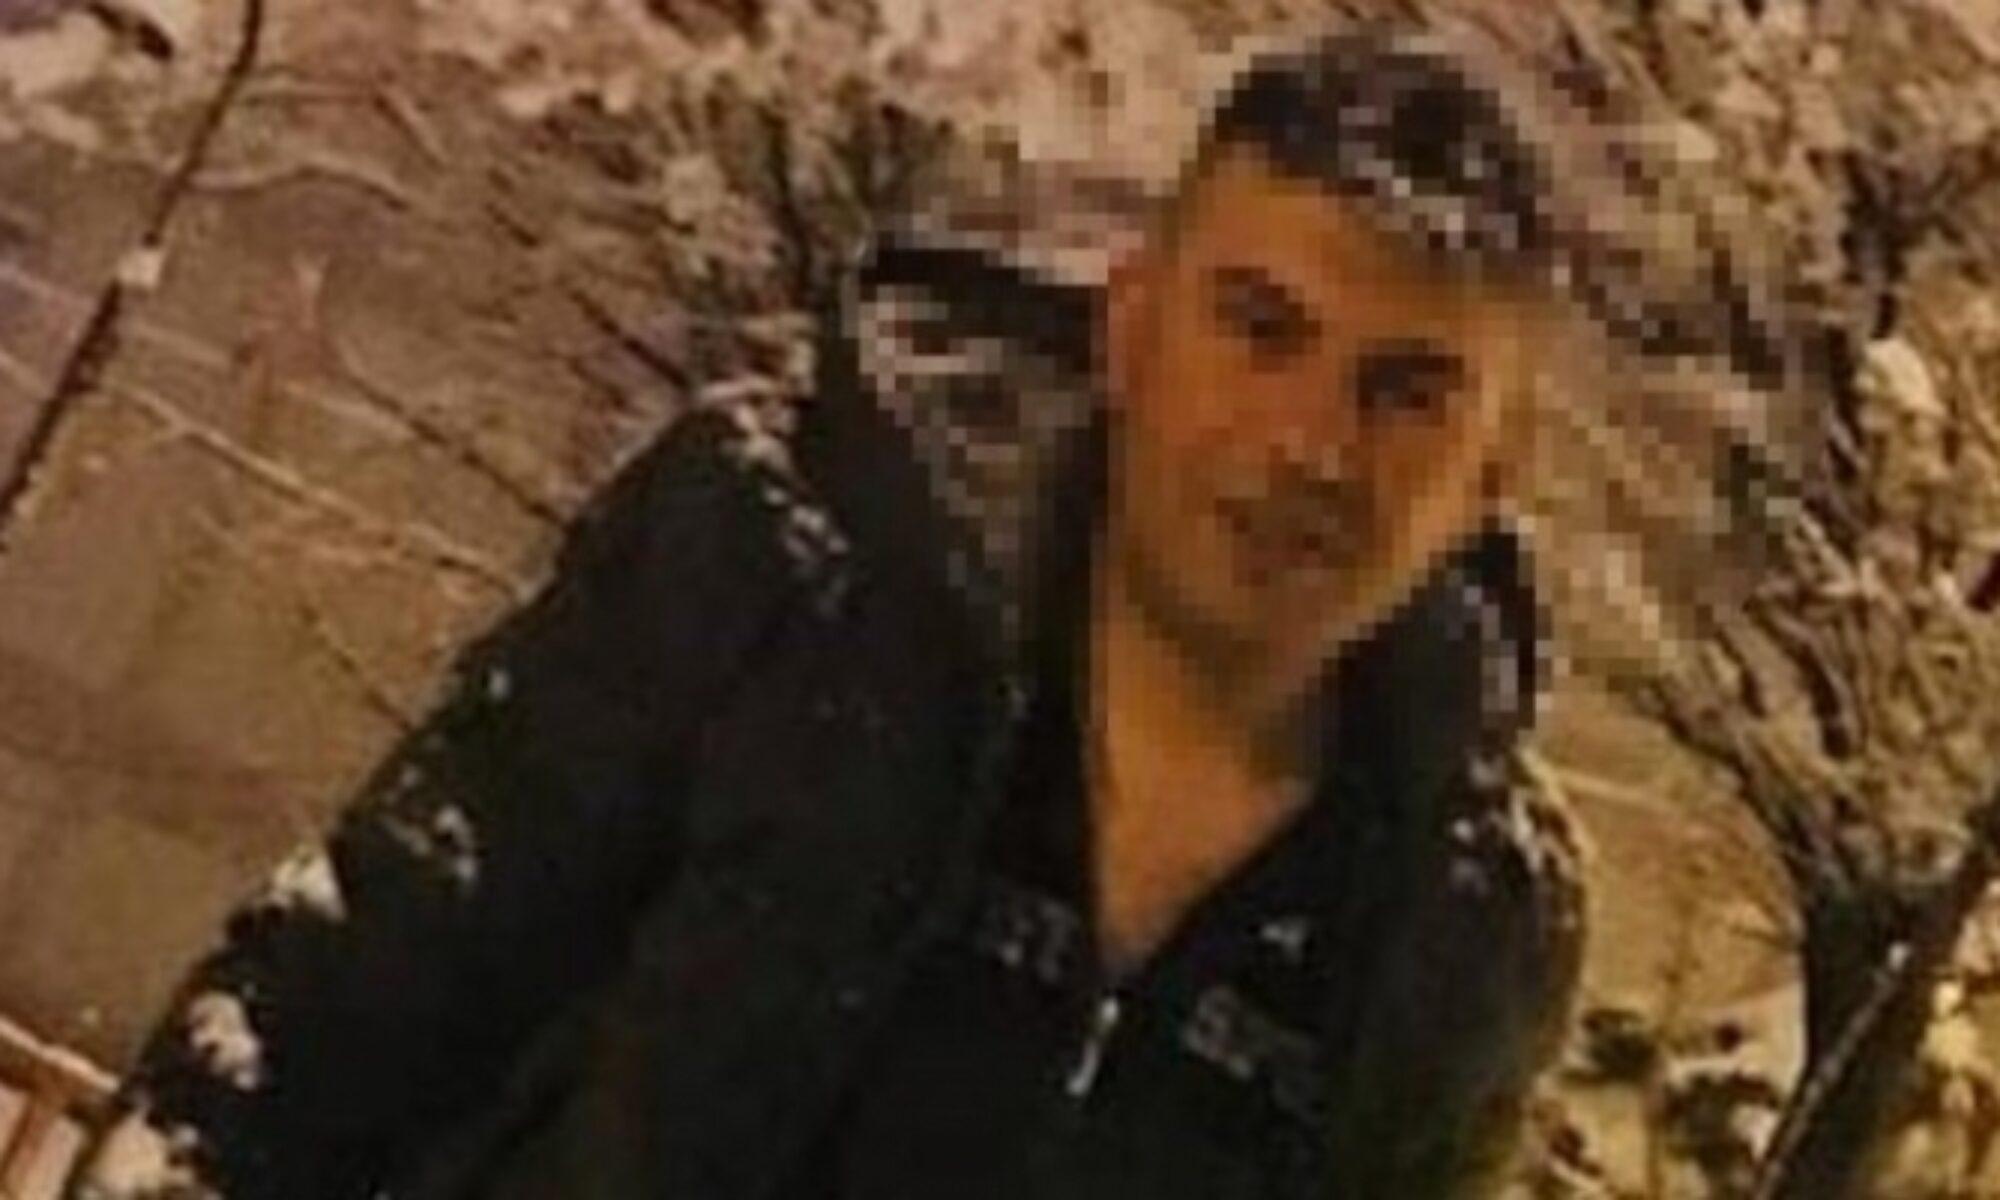 Uzman çavuş terörü bu kez Bingöl'de, bir kadının burnunu kırdı, ölümle tehdit etti